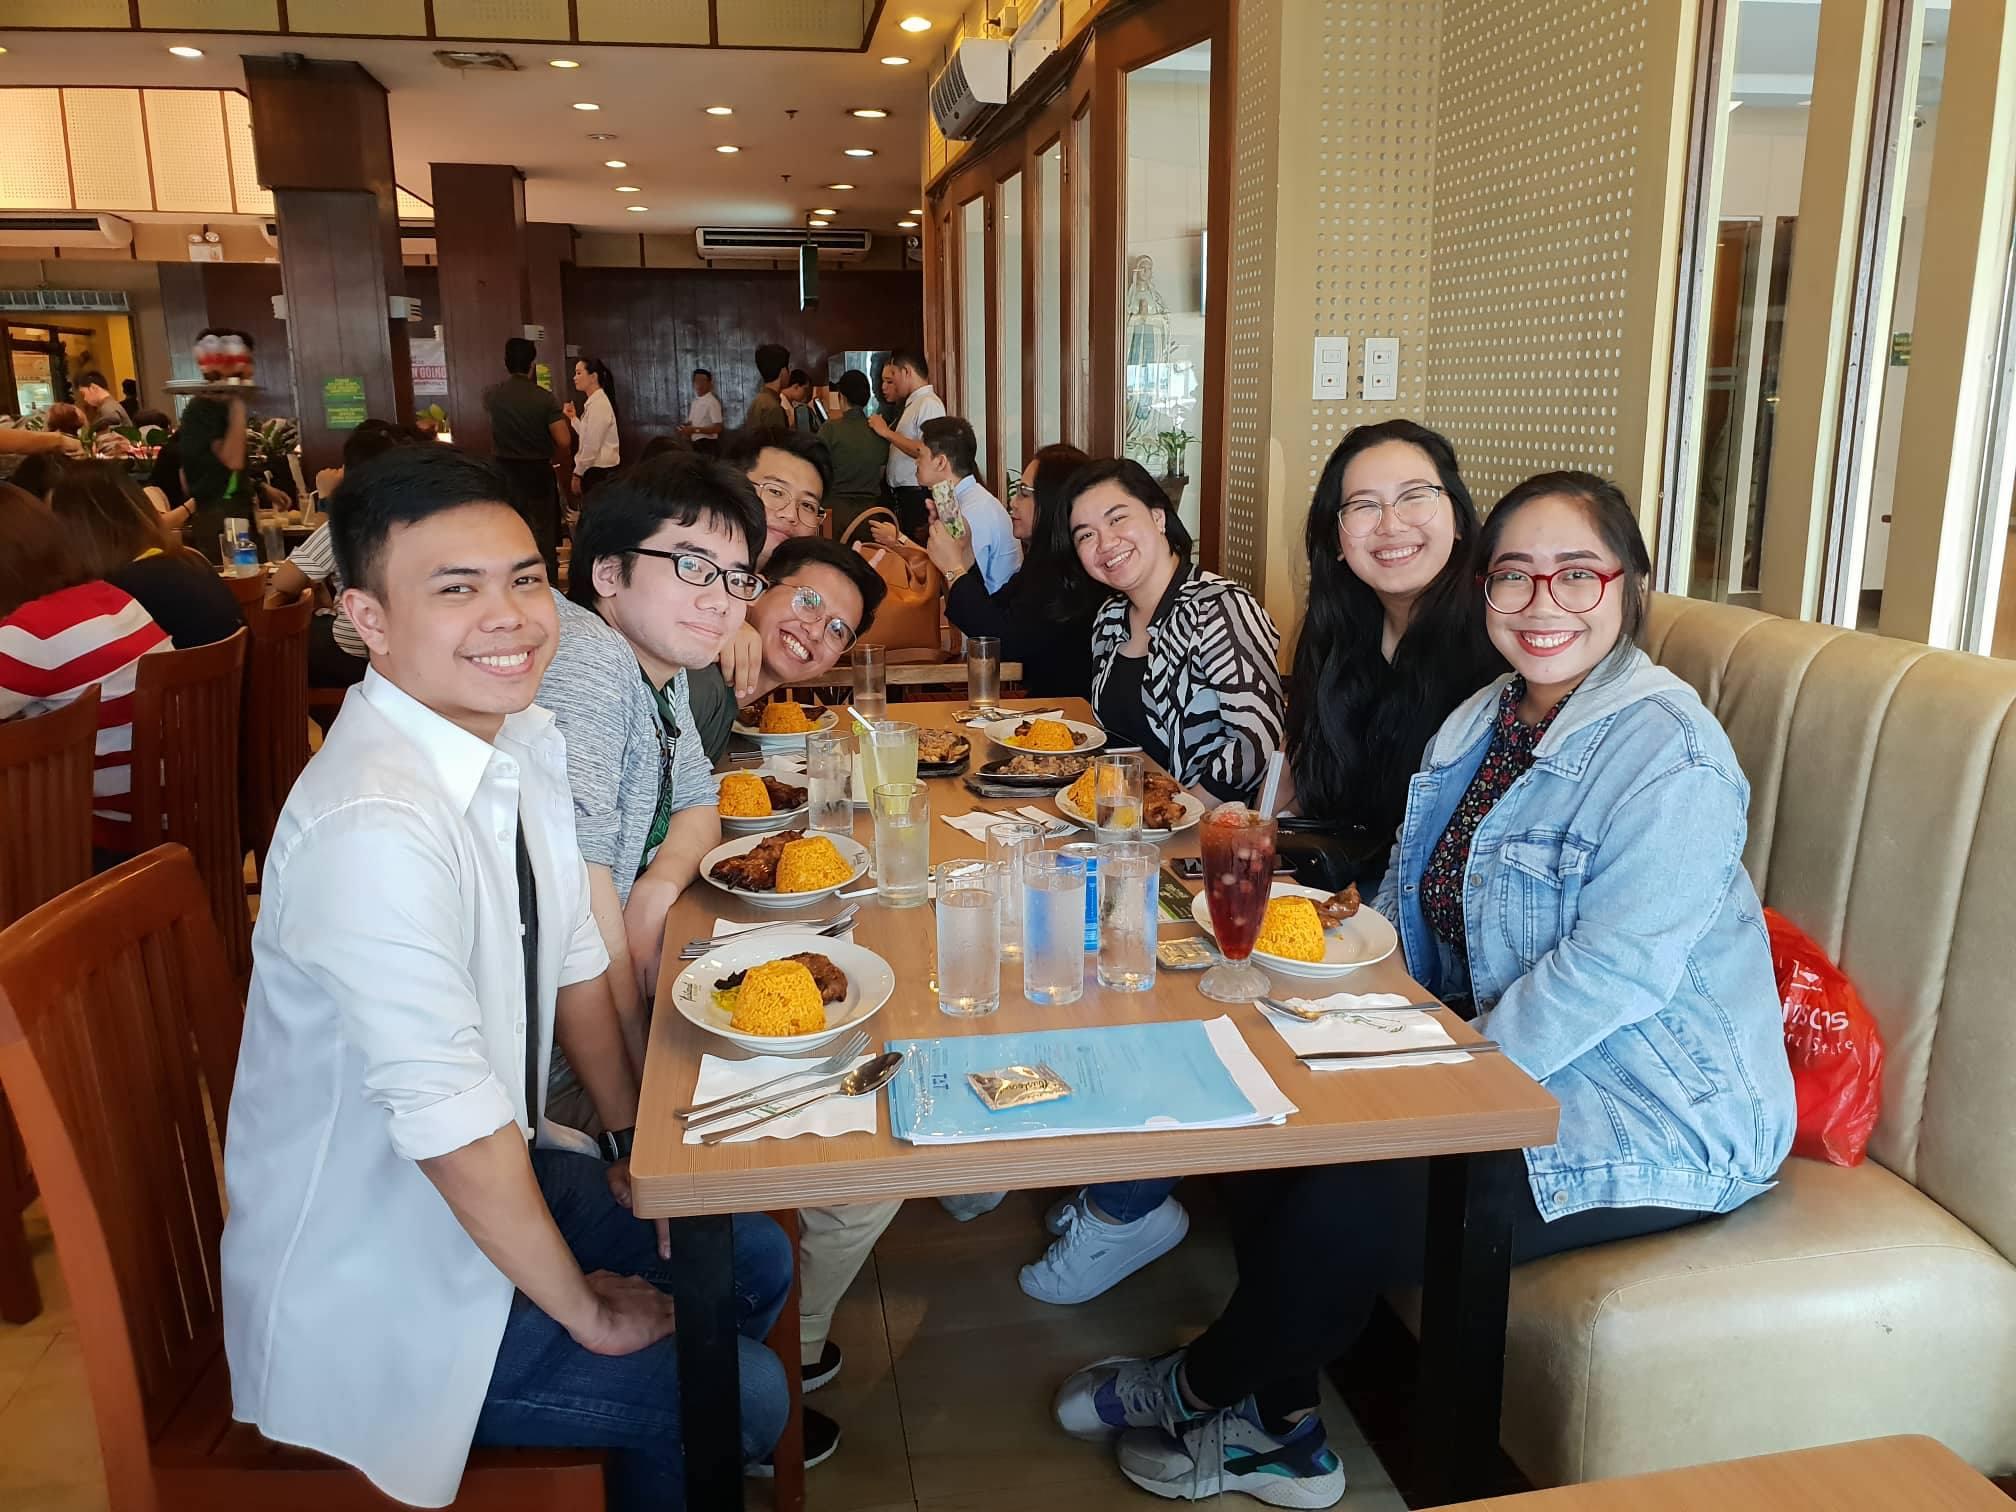 フィリピン超短期派遣からデラサール大学への長期留学、そして今後